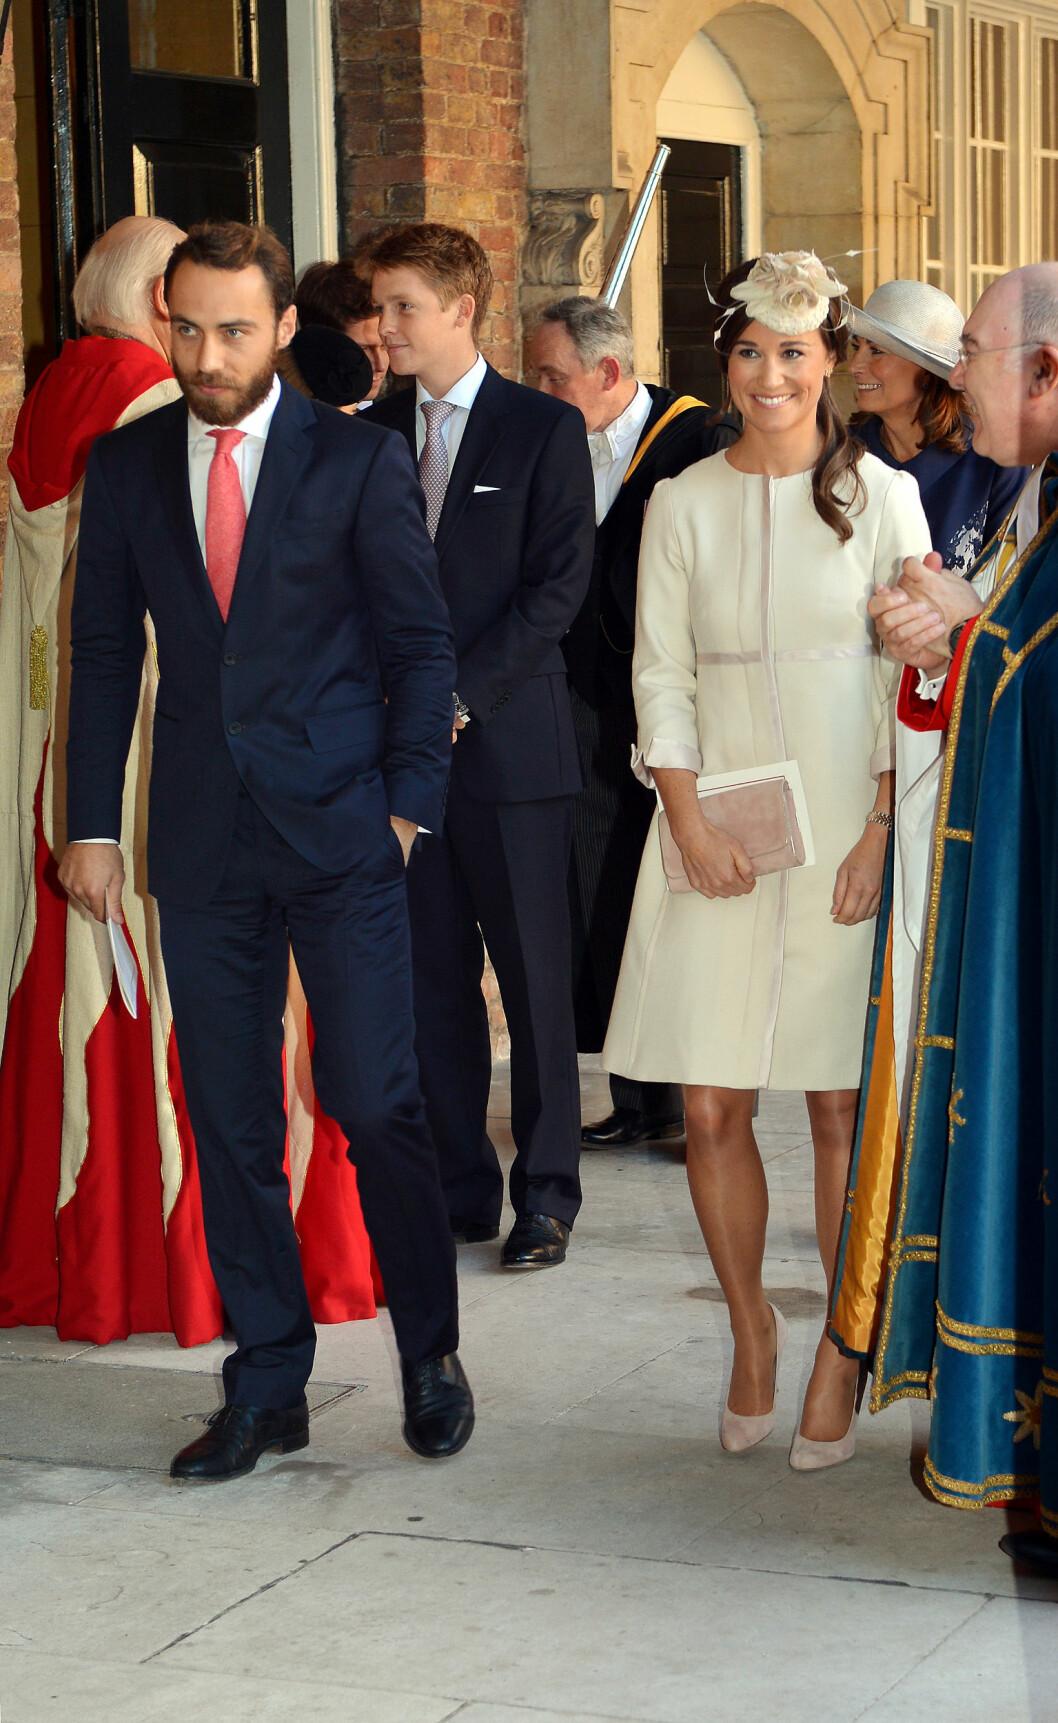 STOLT ONKEL OG TANTE: Hverken Pippa eller James Middleton fikk være gudforeldre til lille prins George, men hertuginne Kates søsken smilte fra øre til øre for det. Her på vei ut av seremonien. Foto: Getty Images/Getty Images/All Over Press